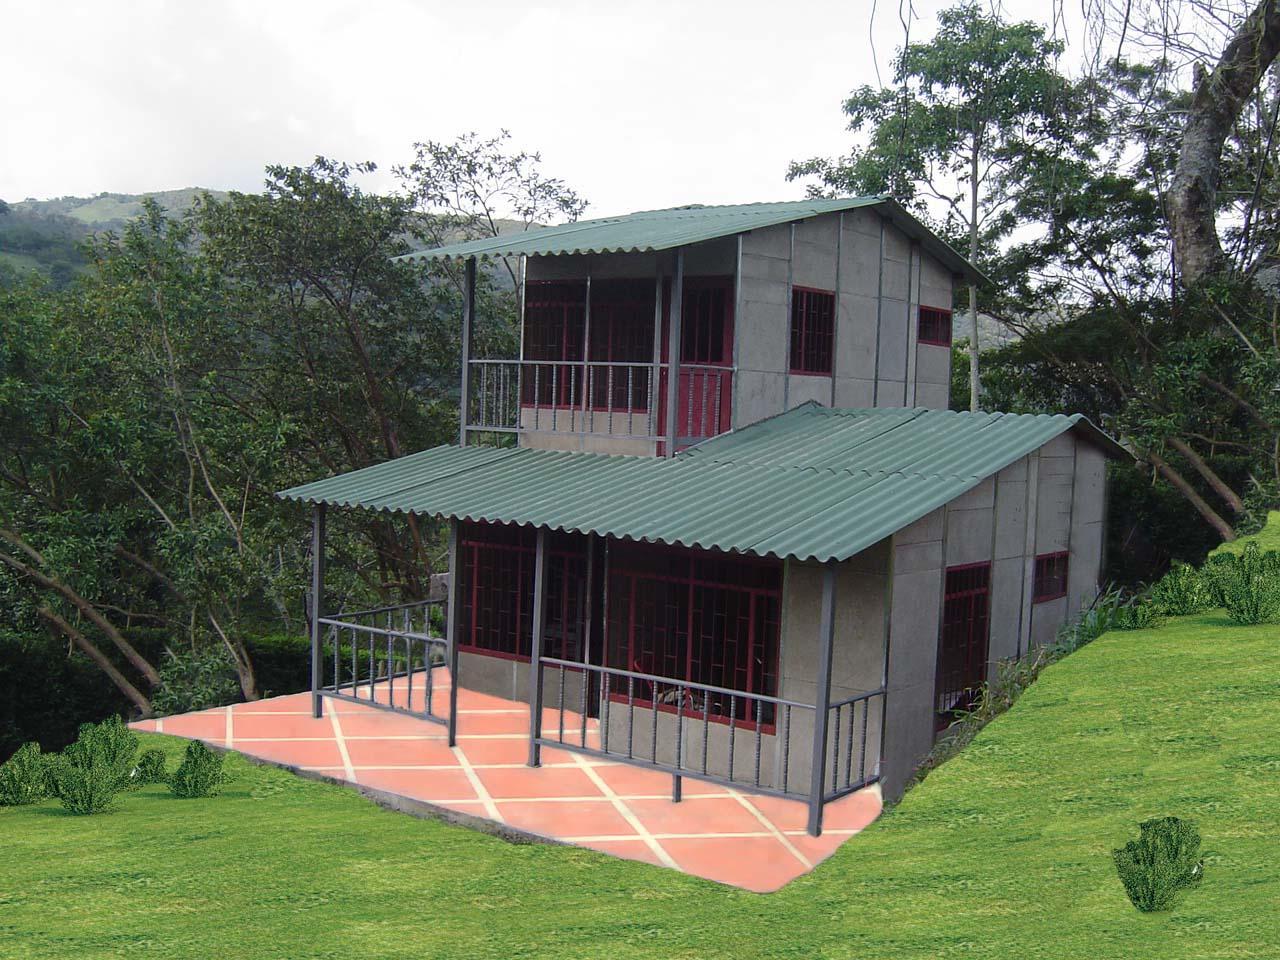 Casas prefabricados - Las mejores casas prefabricadas ...